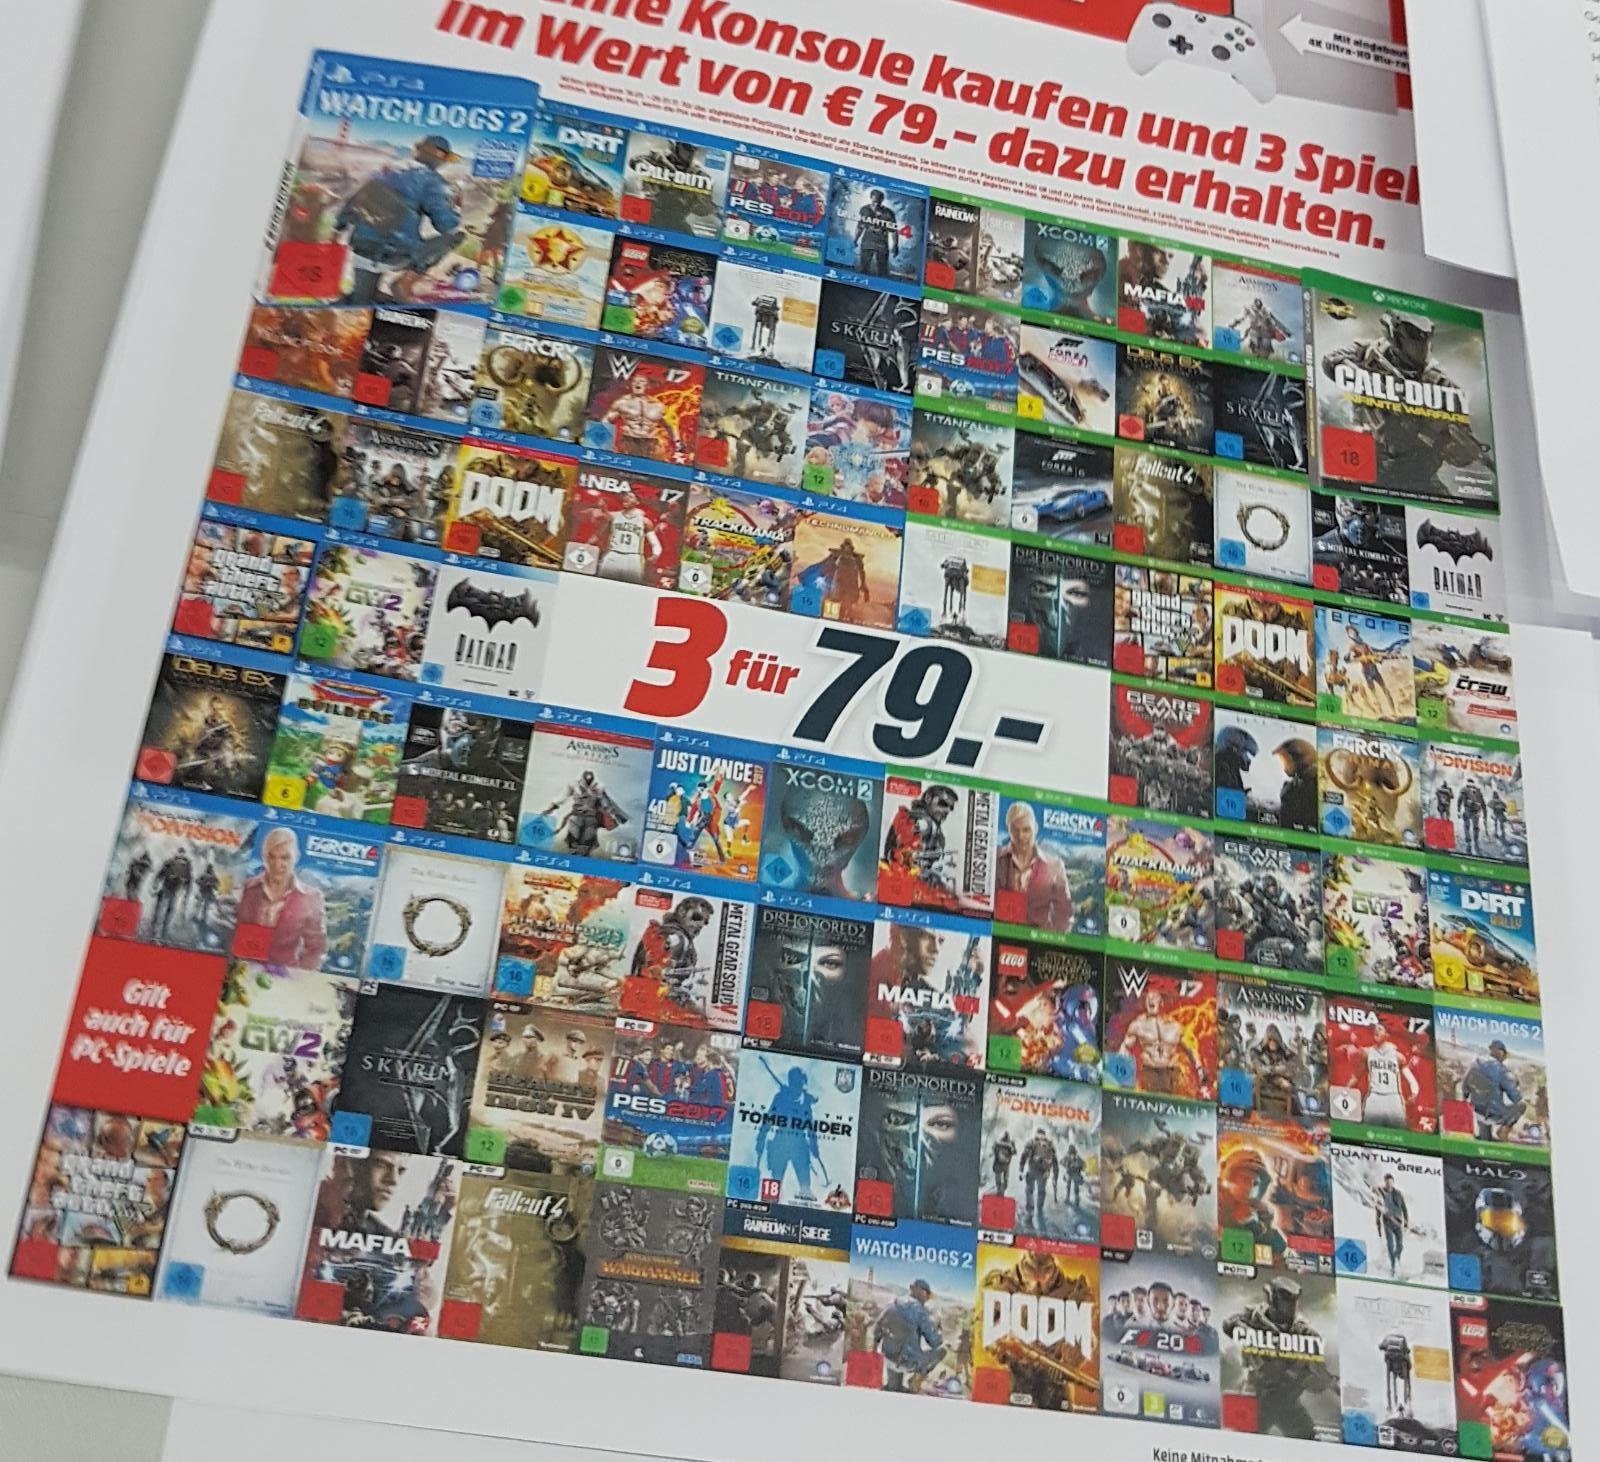 3 Games für 79€ bei mediamarkt.de